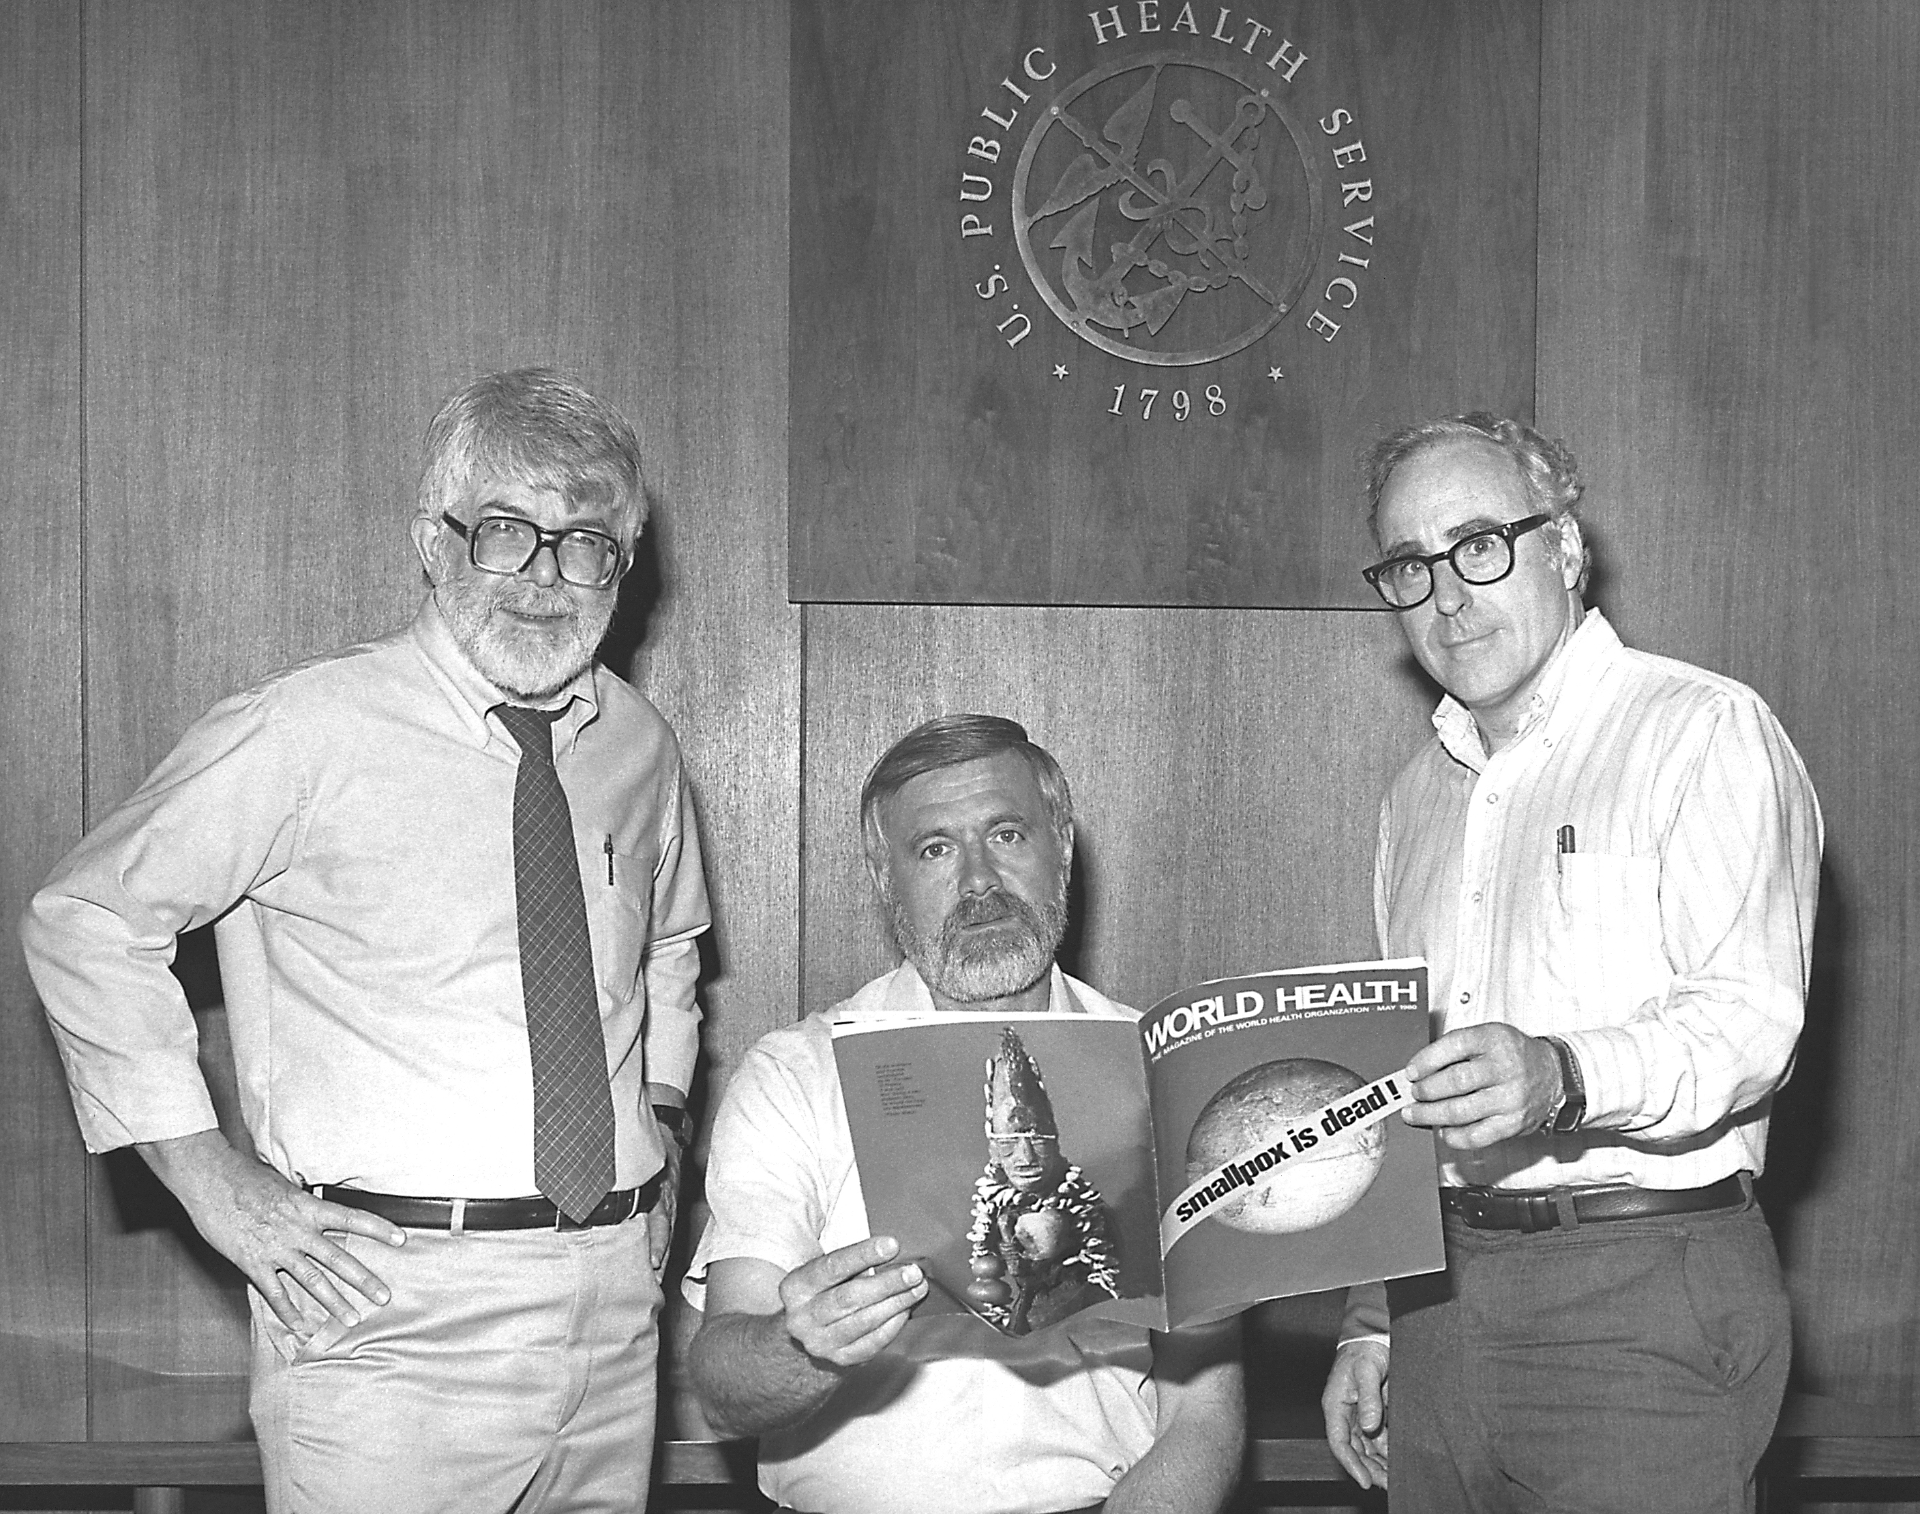 Los directores del Programa de Erradicación Mundial de la Viruela anuncian en 1980 el éxito de la campaña.Wikimedia Commons / CDC